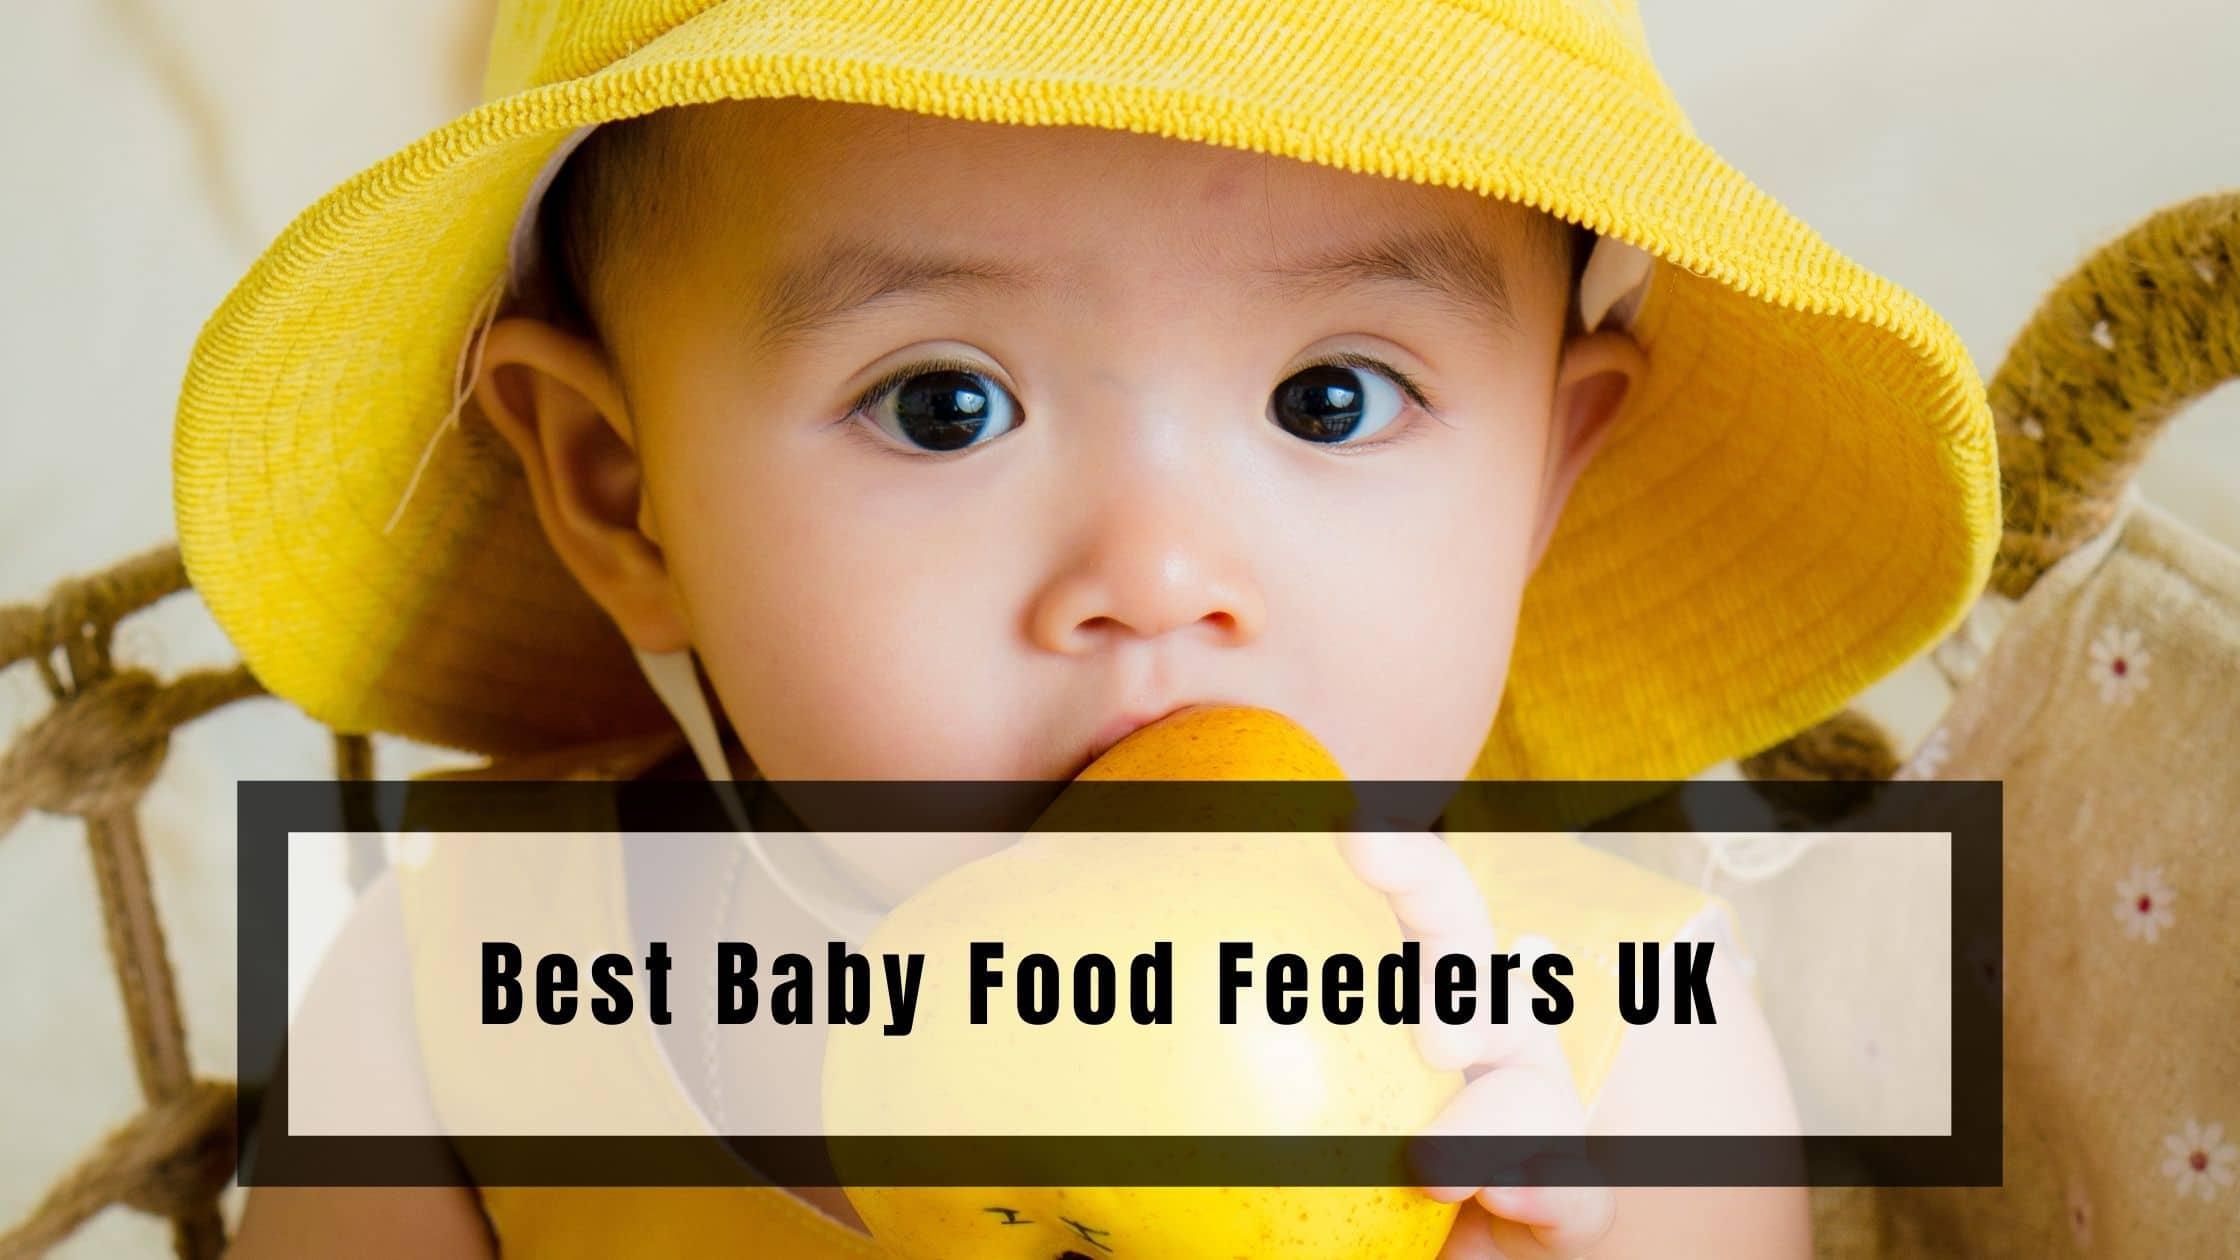 Best Baby Food Feeders UK